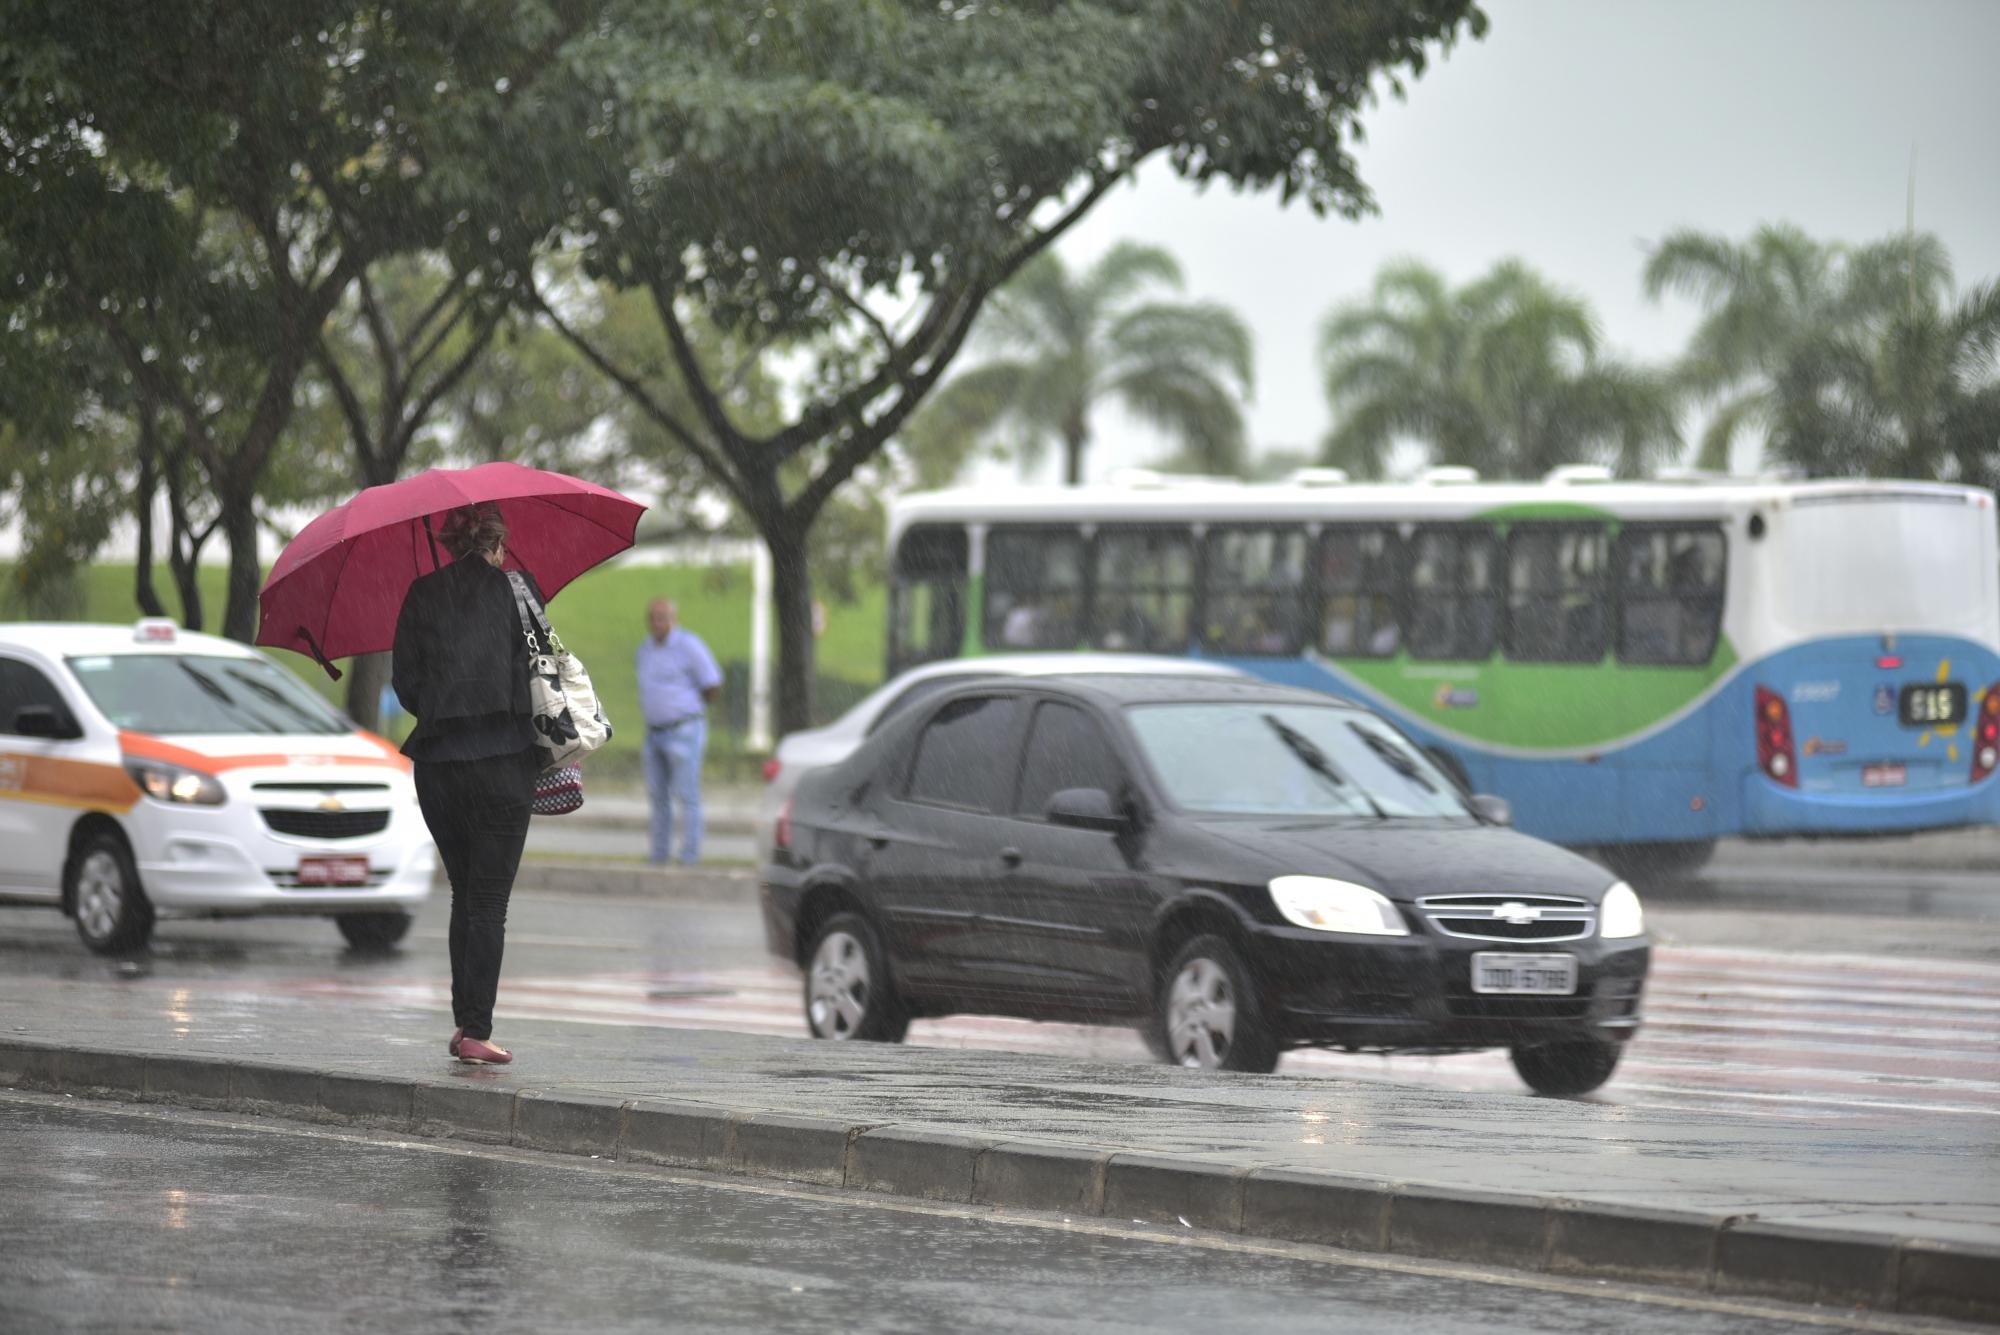 Frente fria traz chuva para o município do Rio nesta segunda-feira